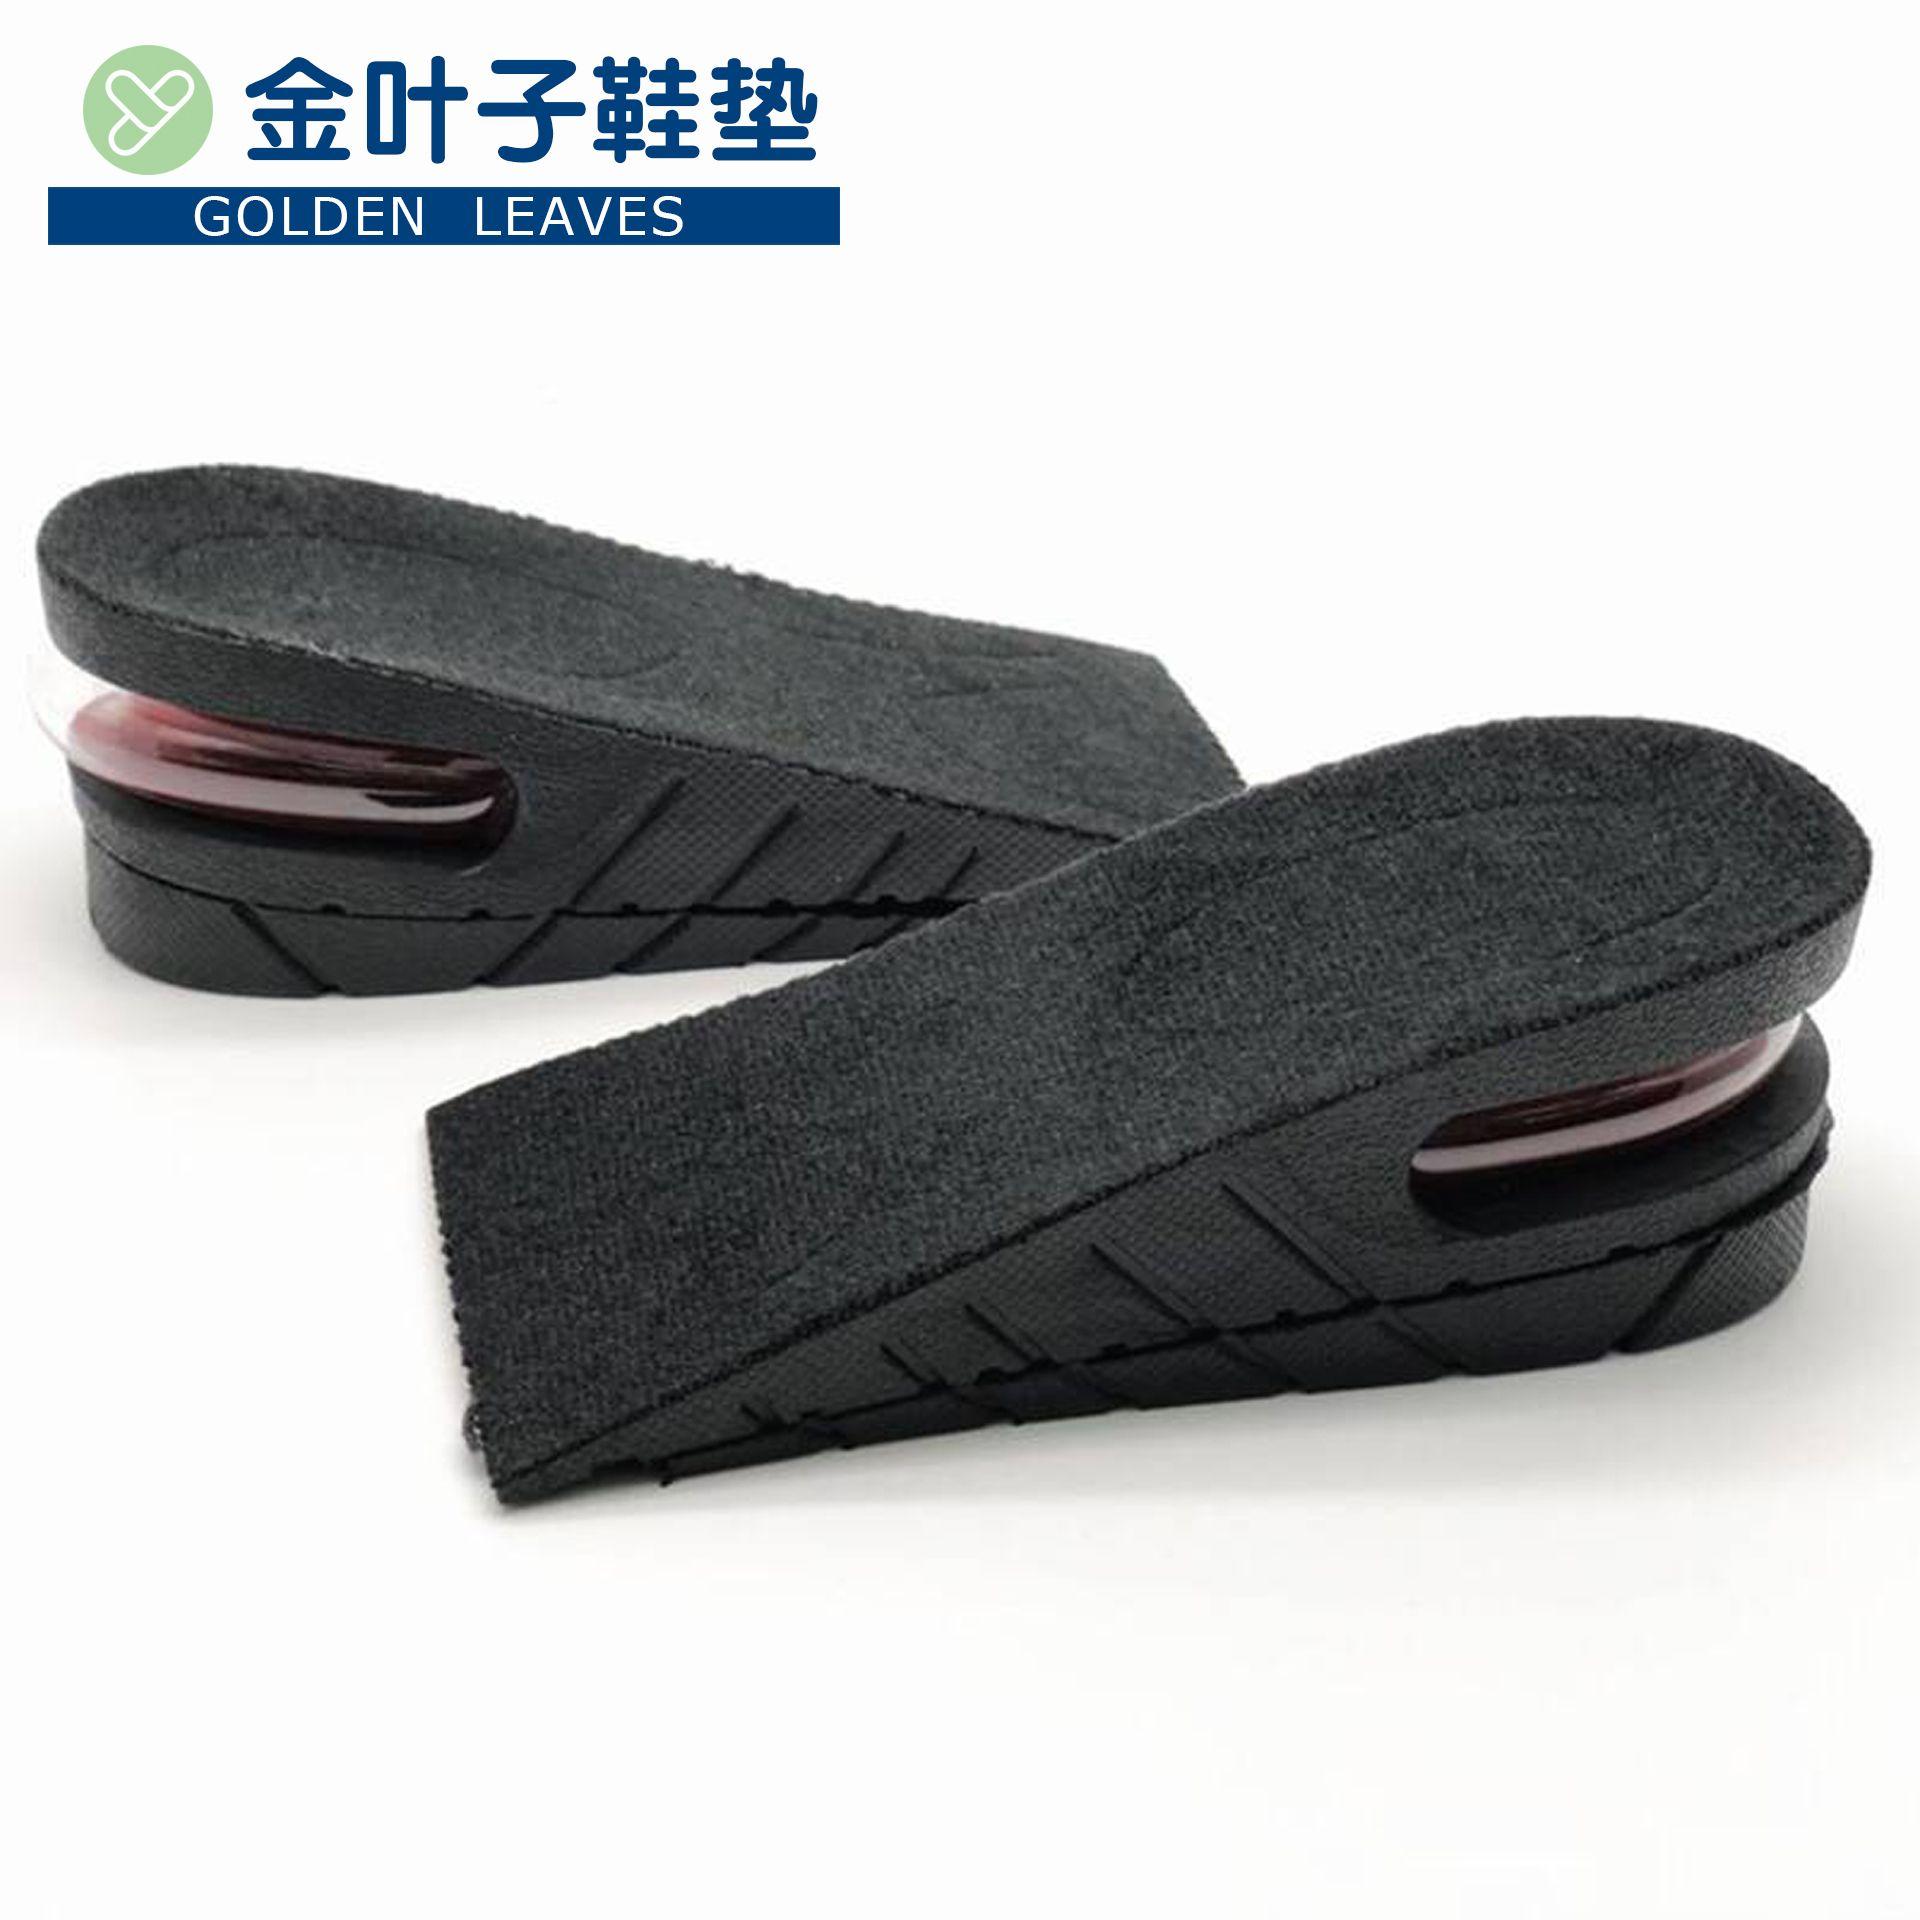 增高鞋半垫女内增高鞋垫男增高垫气垫男式女式隐形可拆卸鞋垫1030